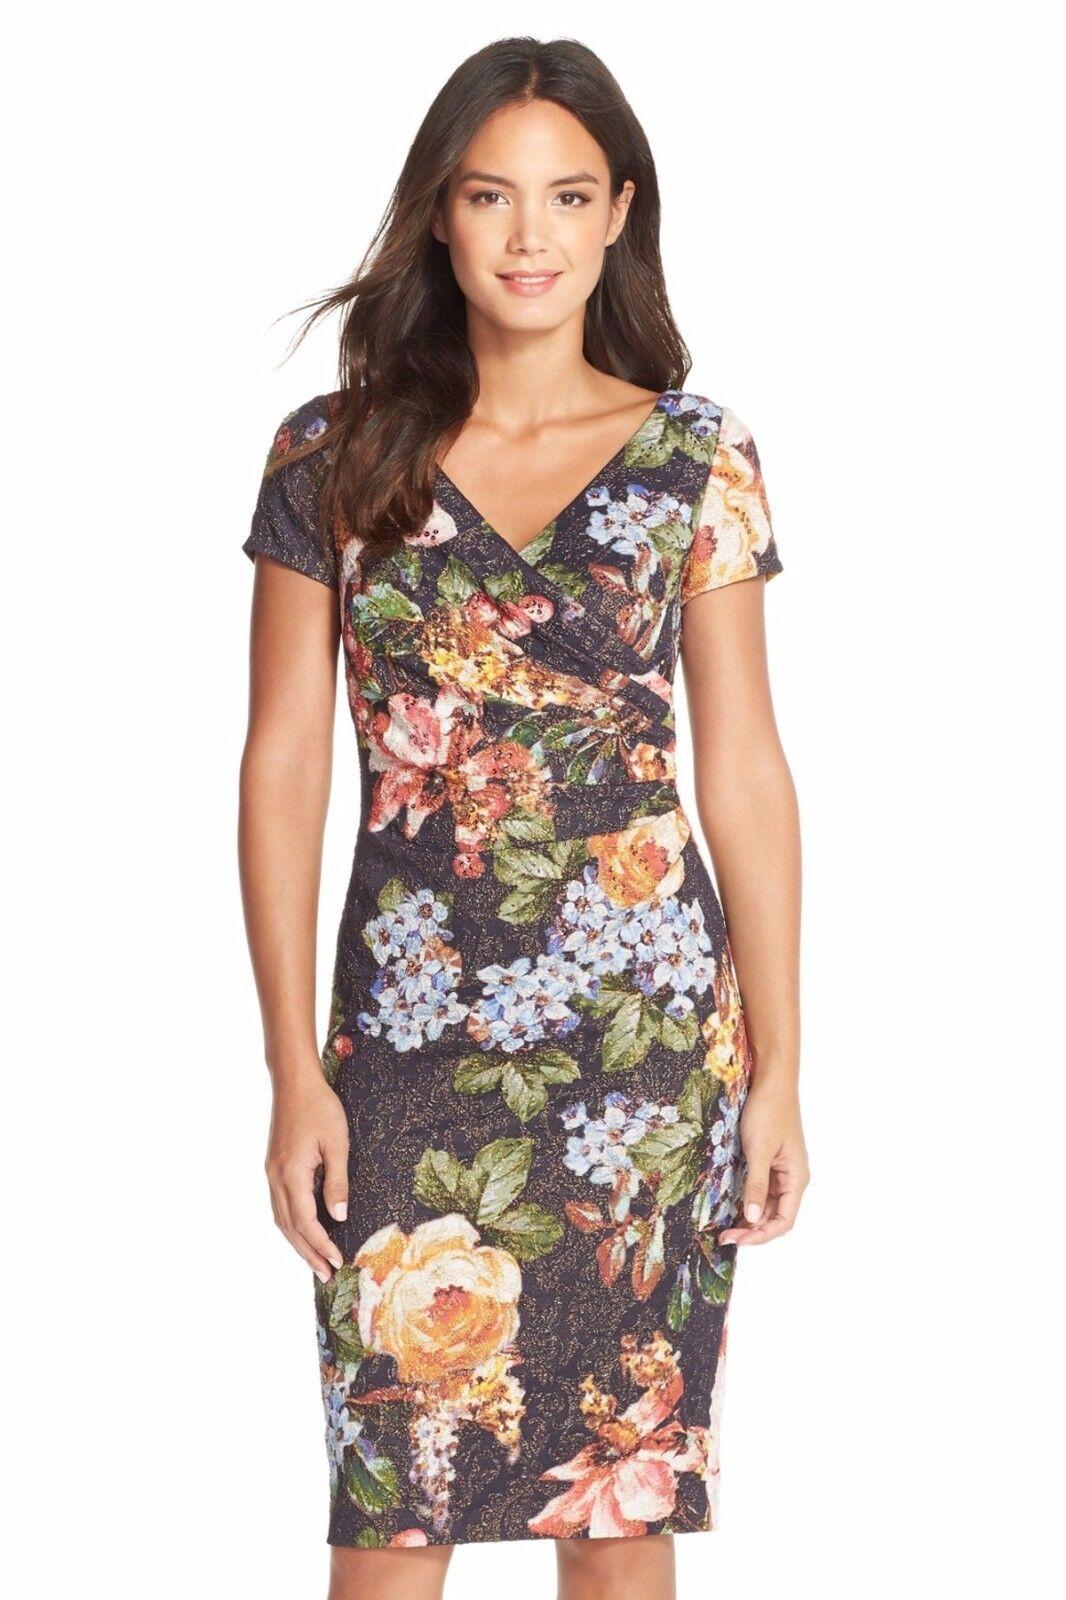 242f00204b3 Papell Matelassé Faux Wrap Sheath Dress ( Size 6) Adrianna ndyauw659 ...